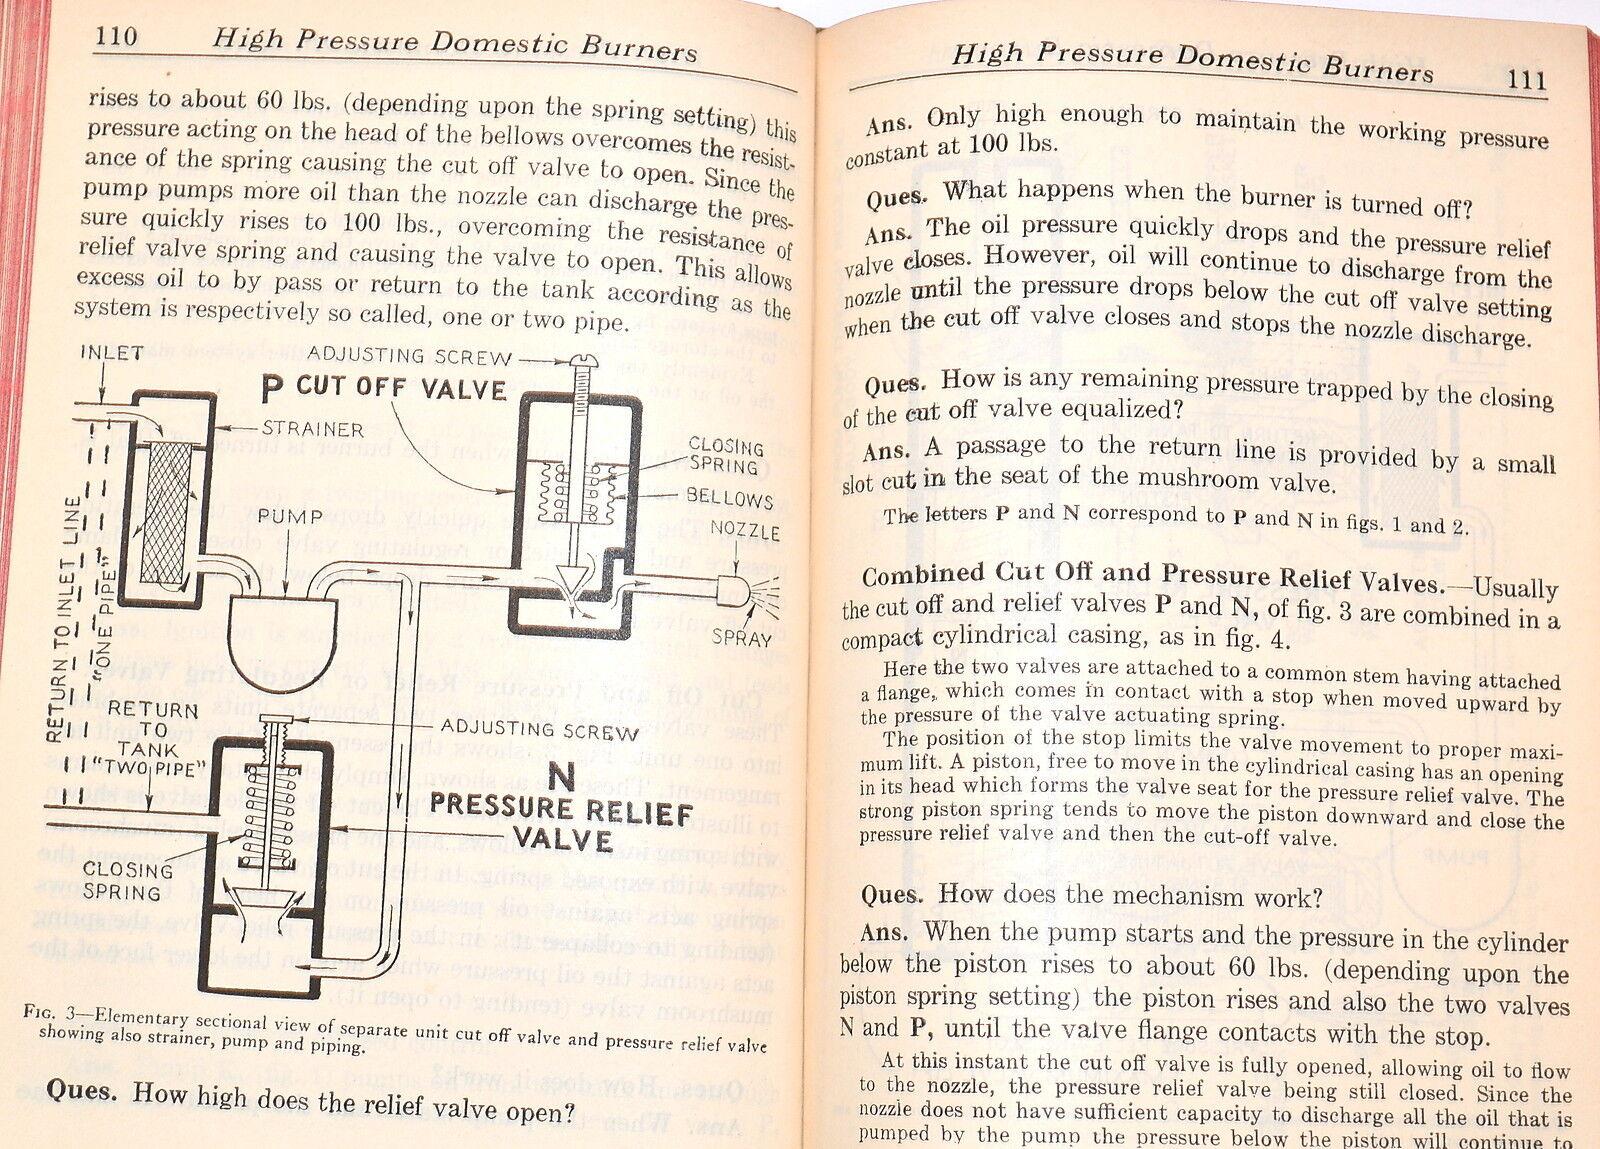 Audels Oil Burner Guide: Installing Servicing Repairing1953 by Frank D. GRAHAM,h